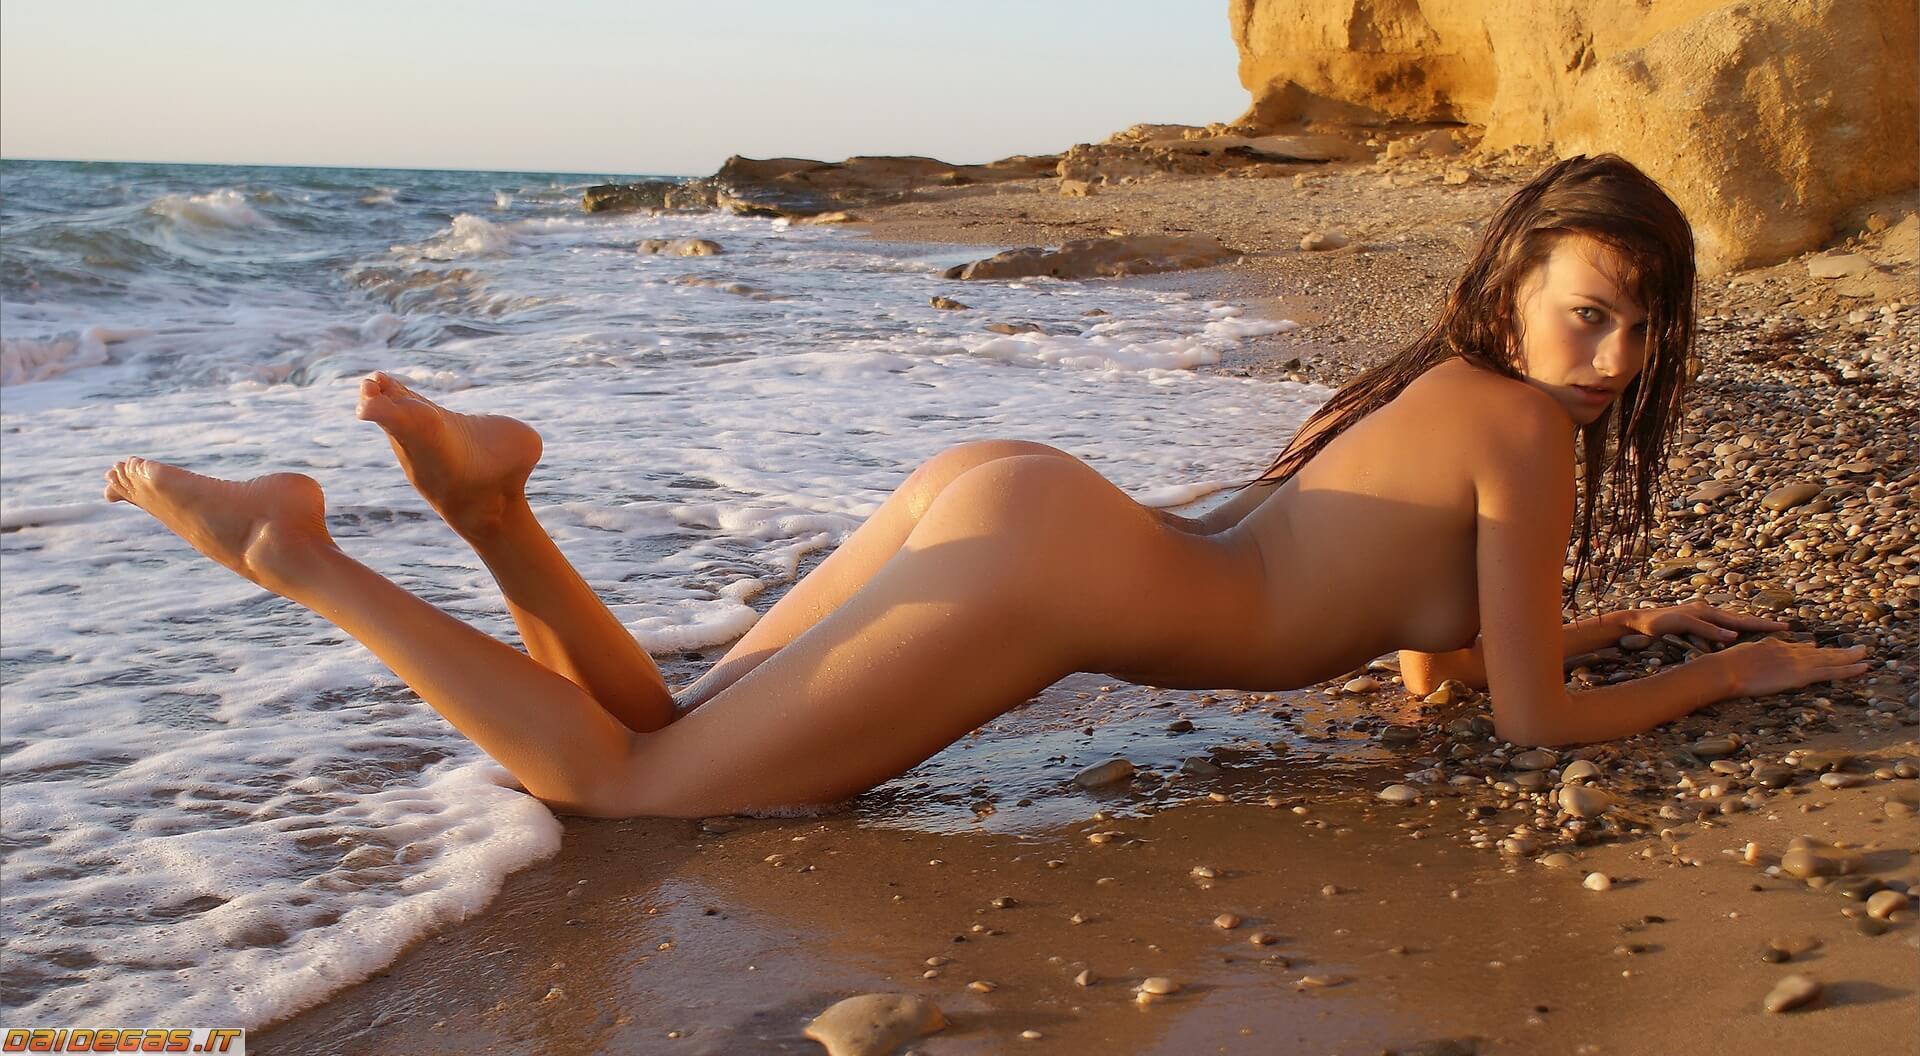 Фото совсем голая на пляже, Голые на пляже - нудистки, подгляд, частное. ВКонтакте 11 фотография